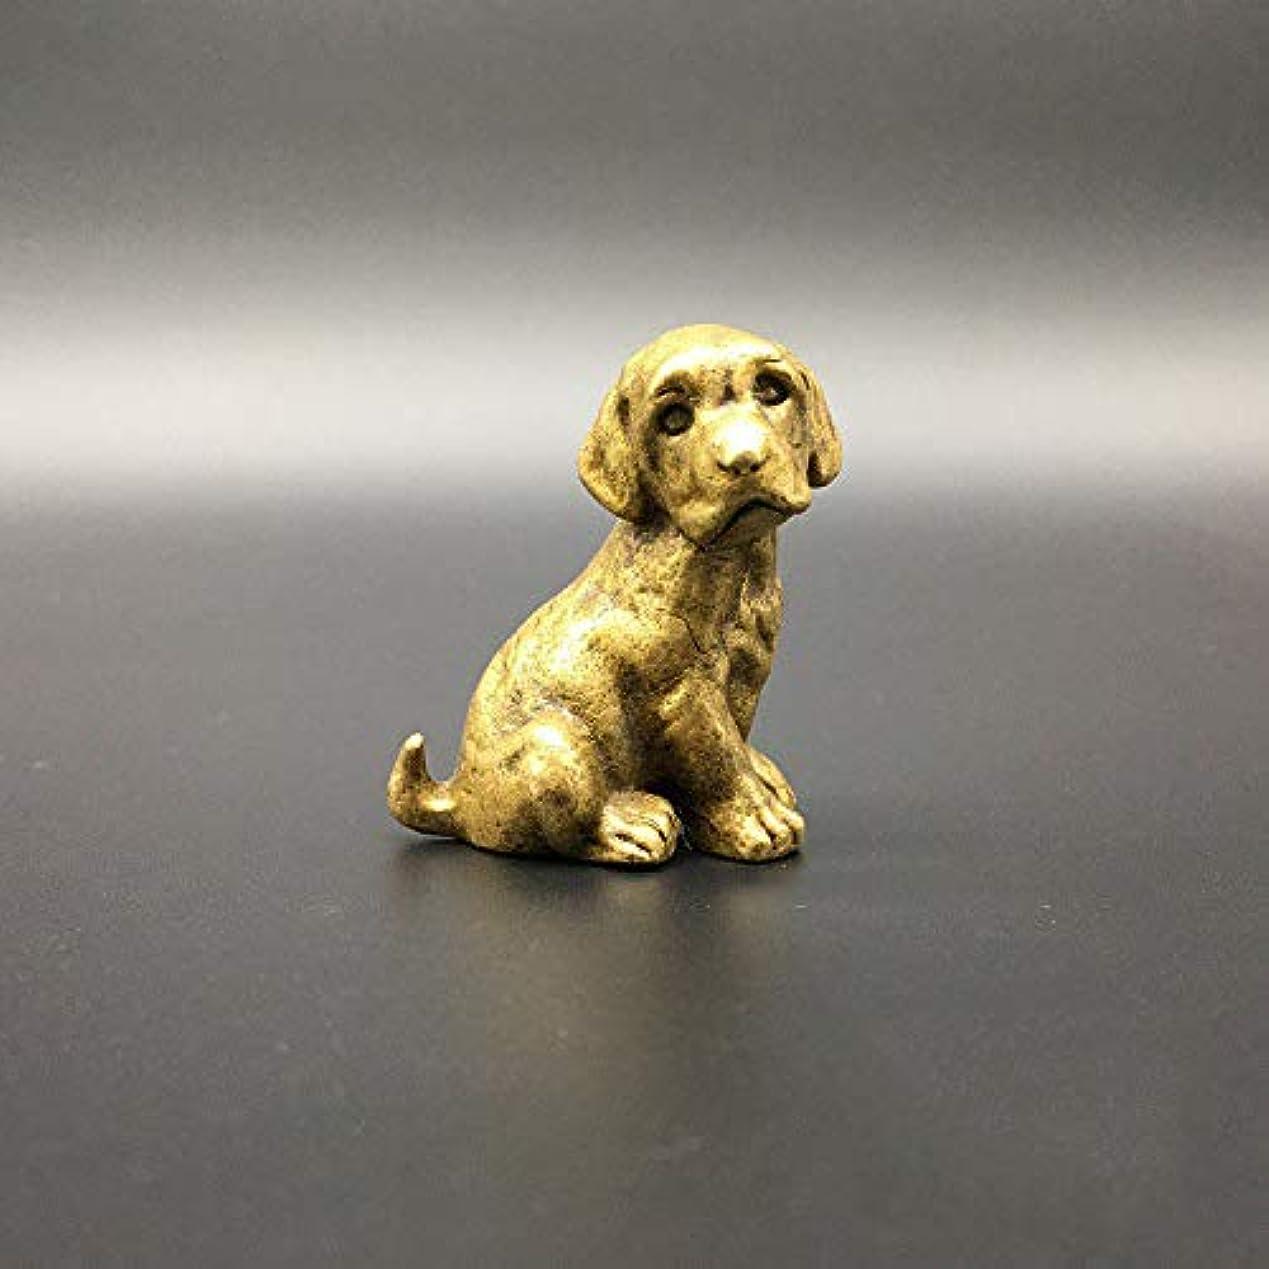 特別なジャンピングジャックメドレーアンティークブロンズ犬の装飾品純銅アンティーク